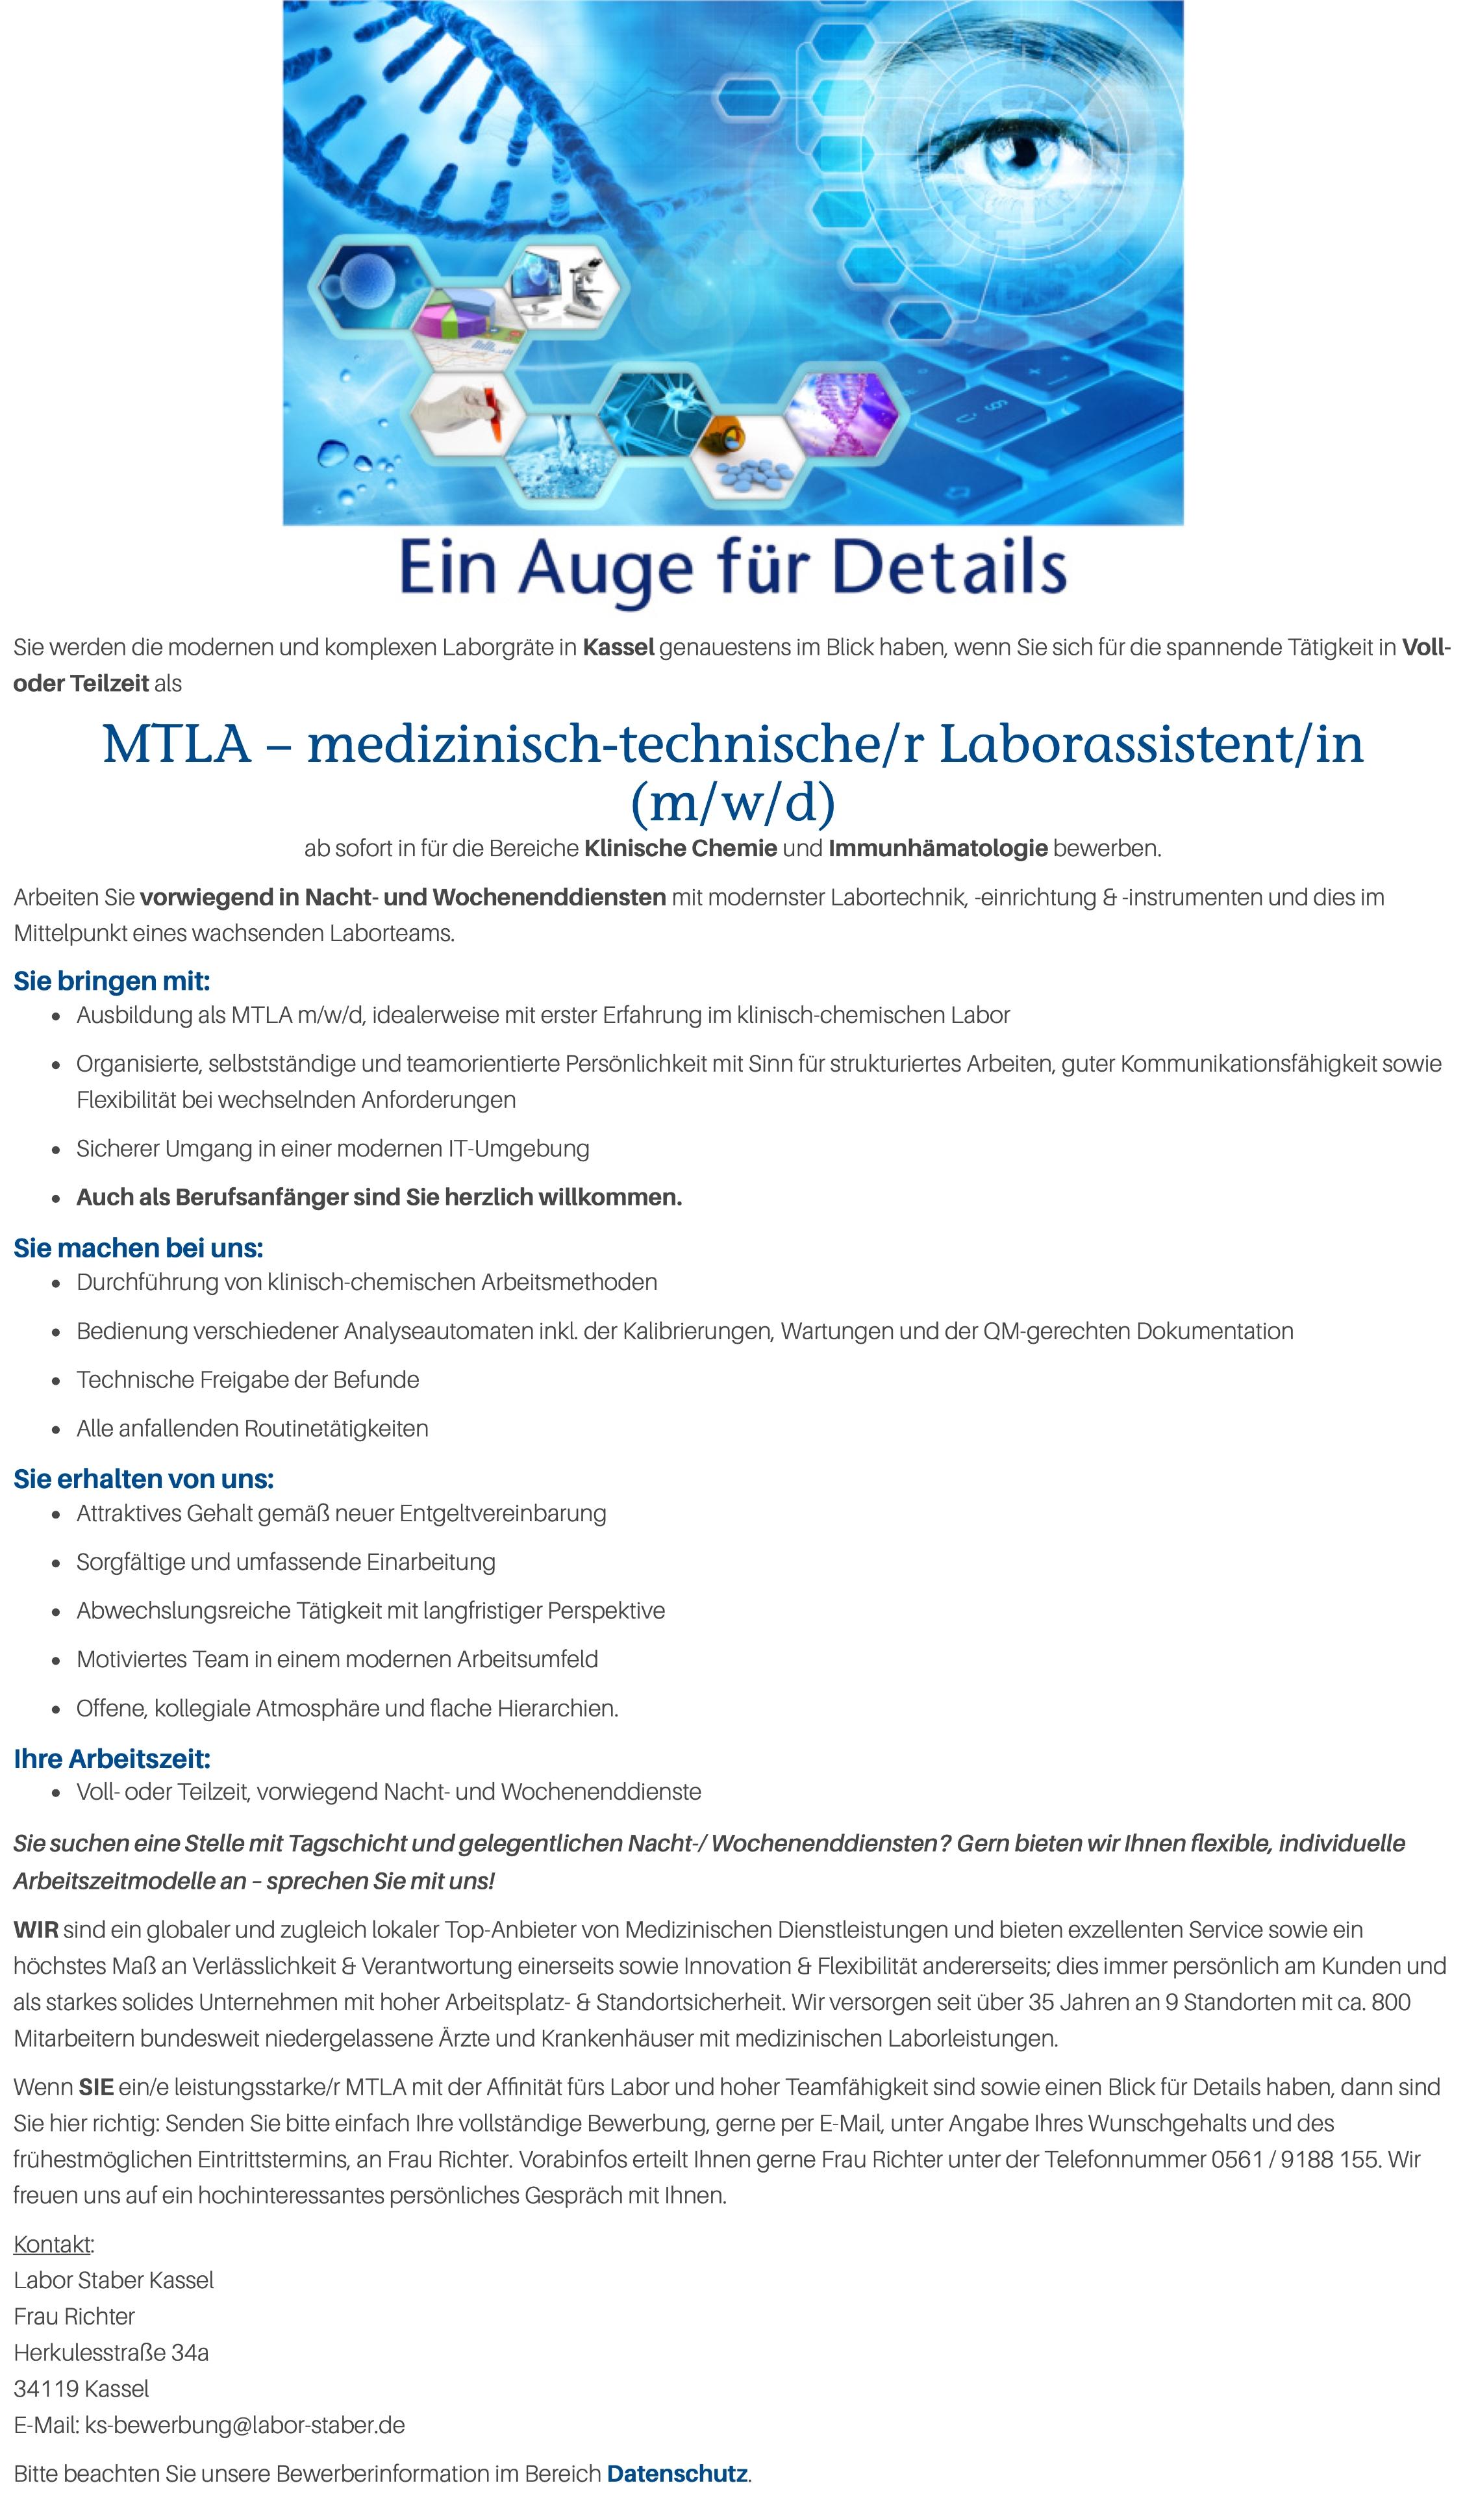 MTLA – medizinisch-technische/r Laborassistent/in (m/w/d)